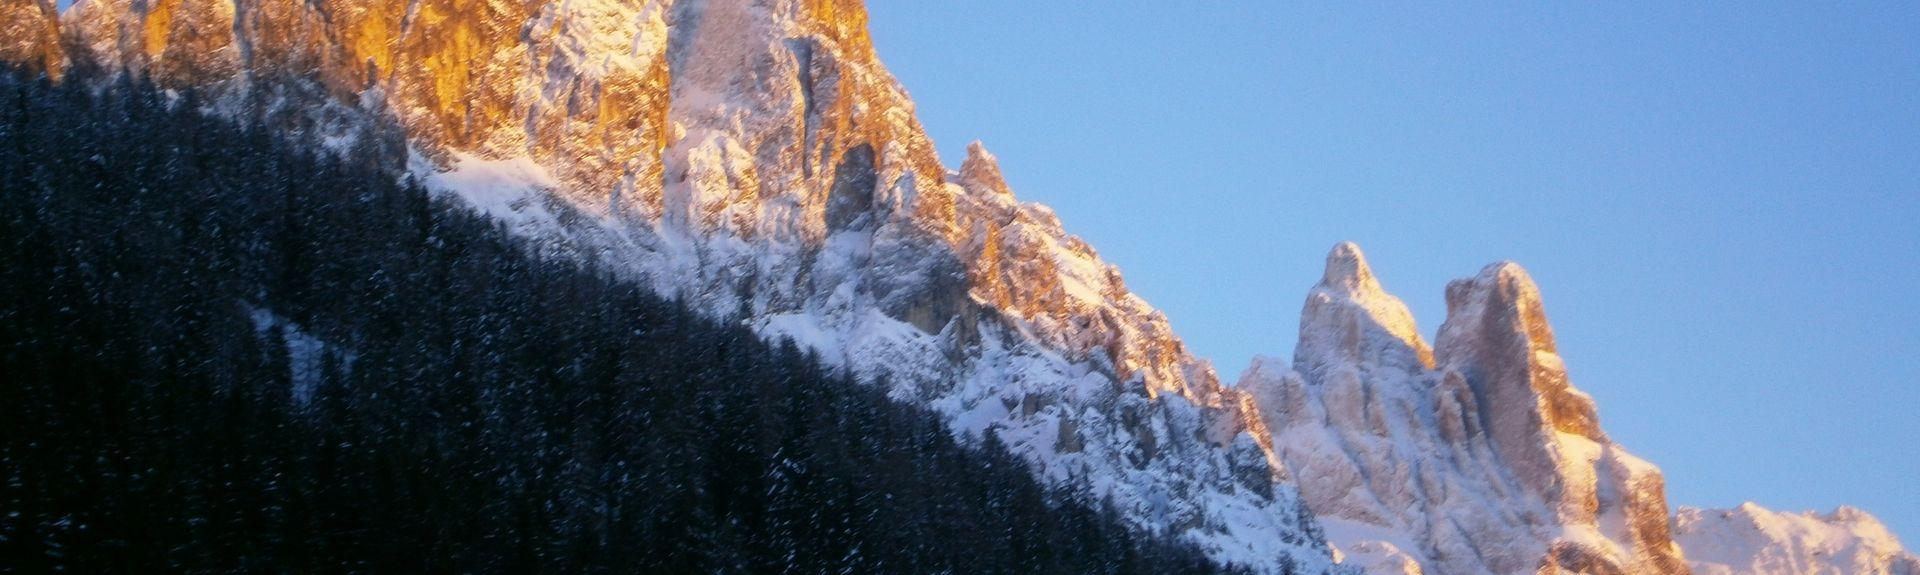 Cinte Tesino, Trentino-Alto Adige, Itália